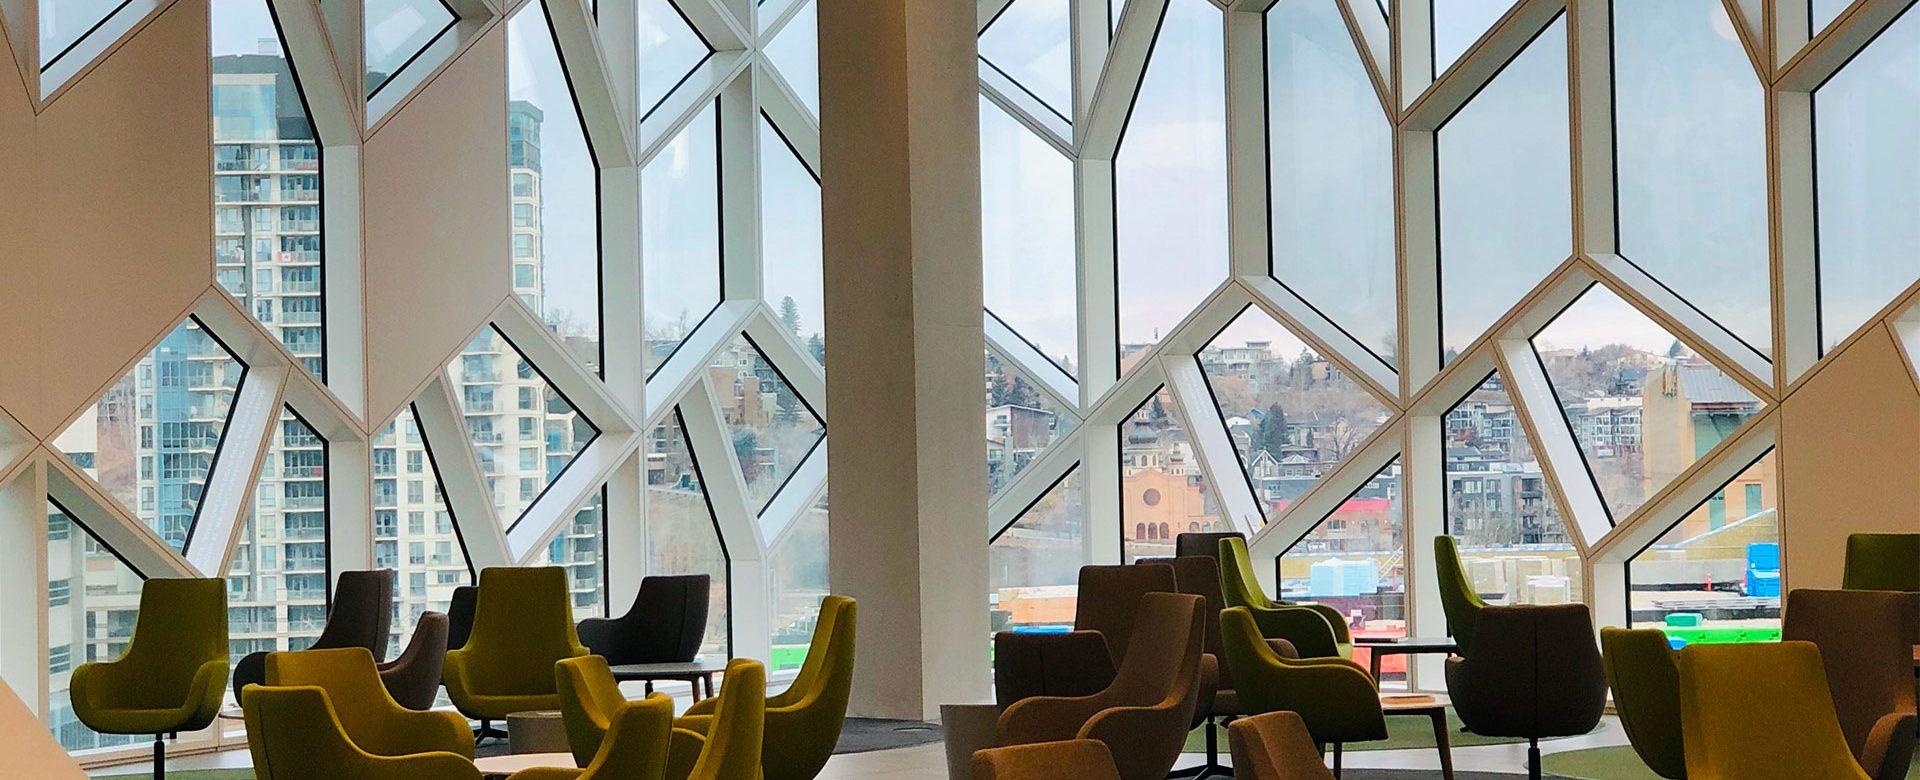 Bordeaux Services et Propreté - Nettoyage de vitres toutes hauteurs, fenêtres en hauteur